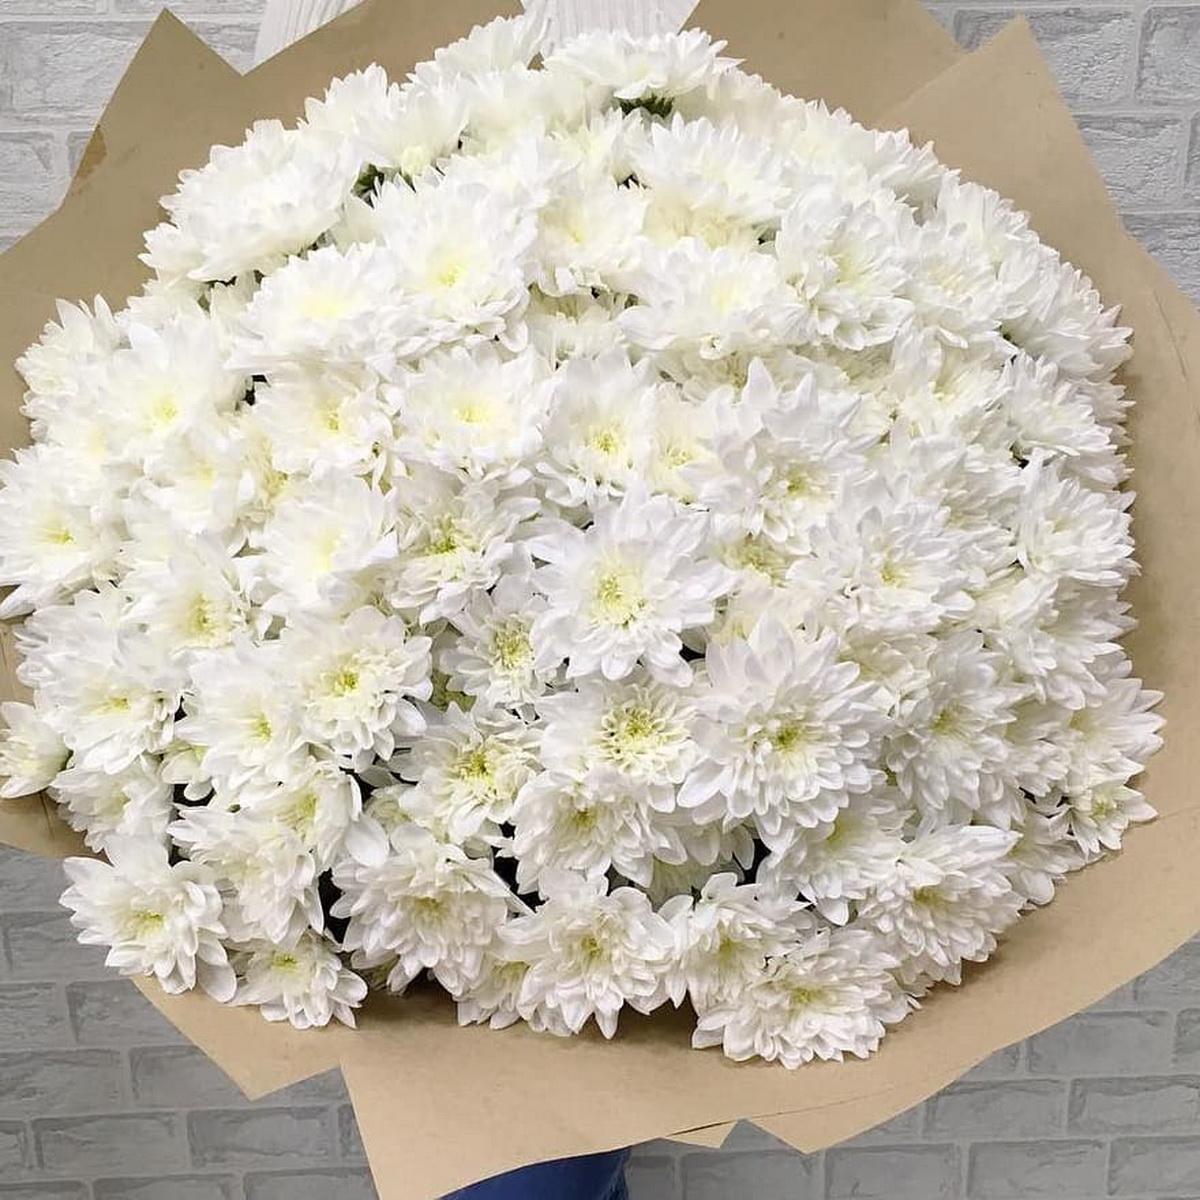 фото рецептбаклажанные картинка шикарный букет хризантем гороховый фарш